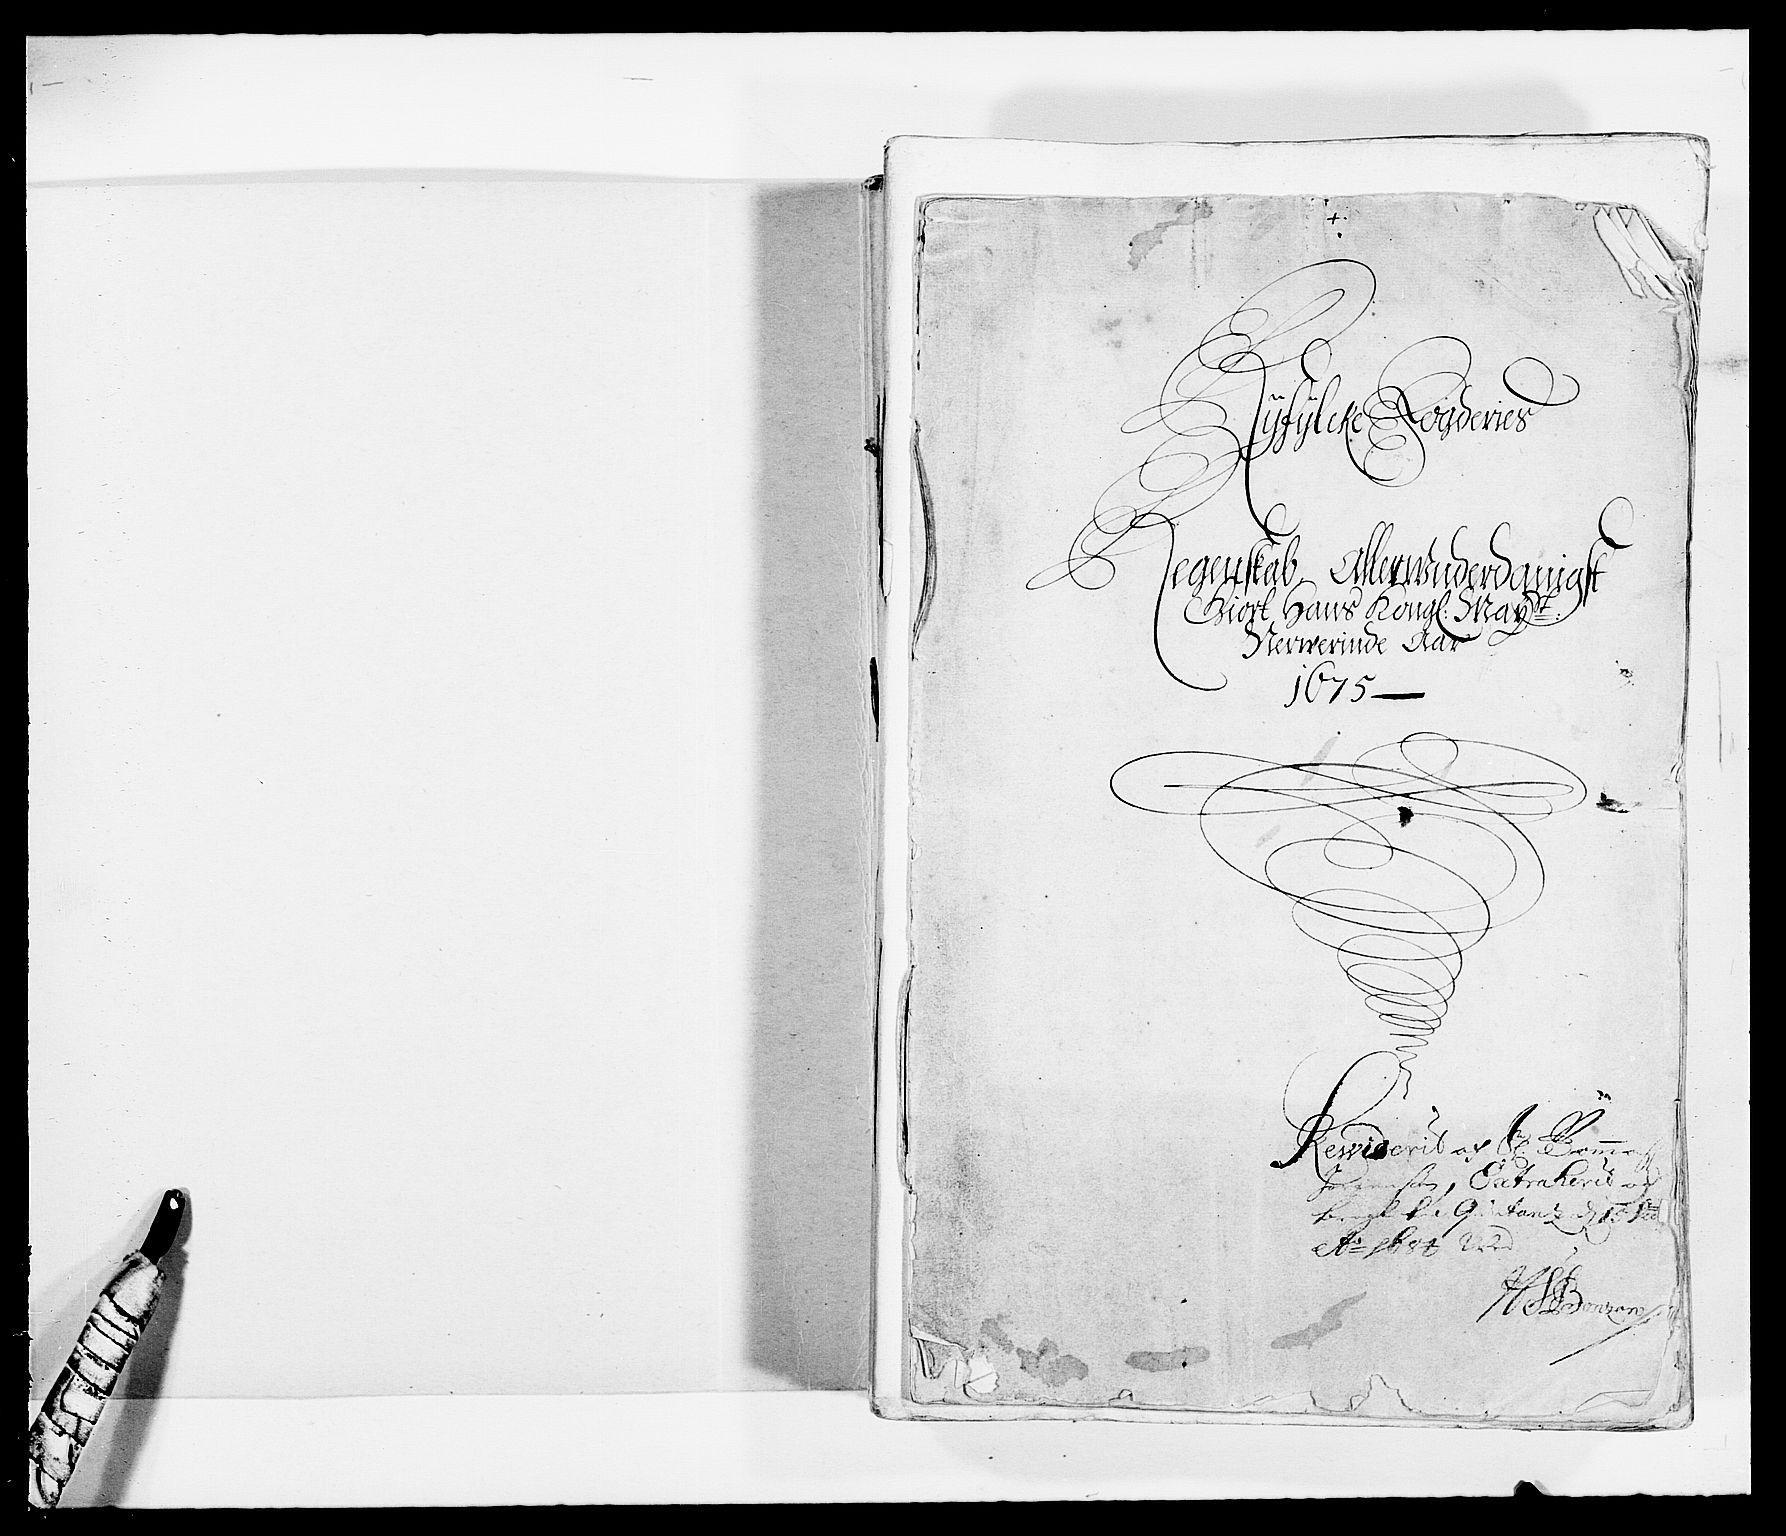 RA, Rentekammeret inntil 1814, Reviderte regnskaper, Fogderegnskap, R47/L2845: Fogderegnskap Ryfylke, 1674-1675, s. 165